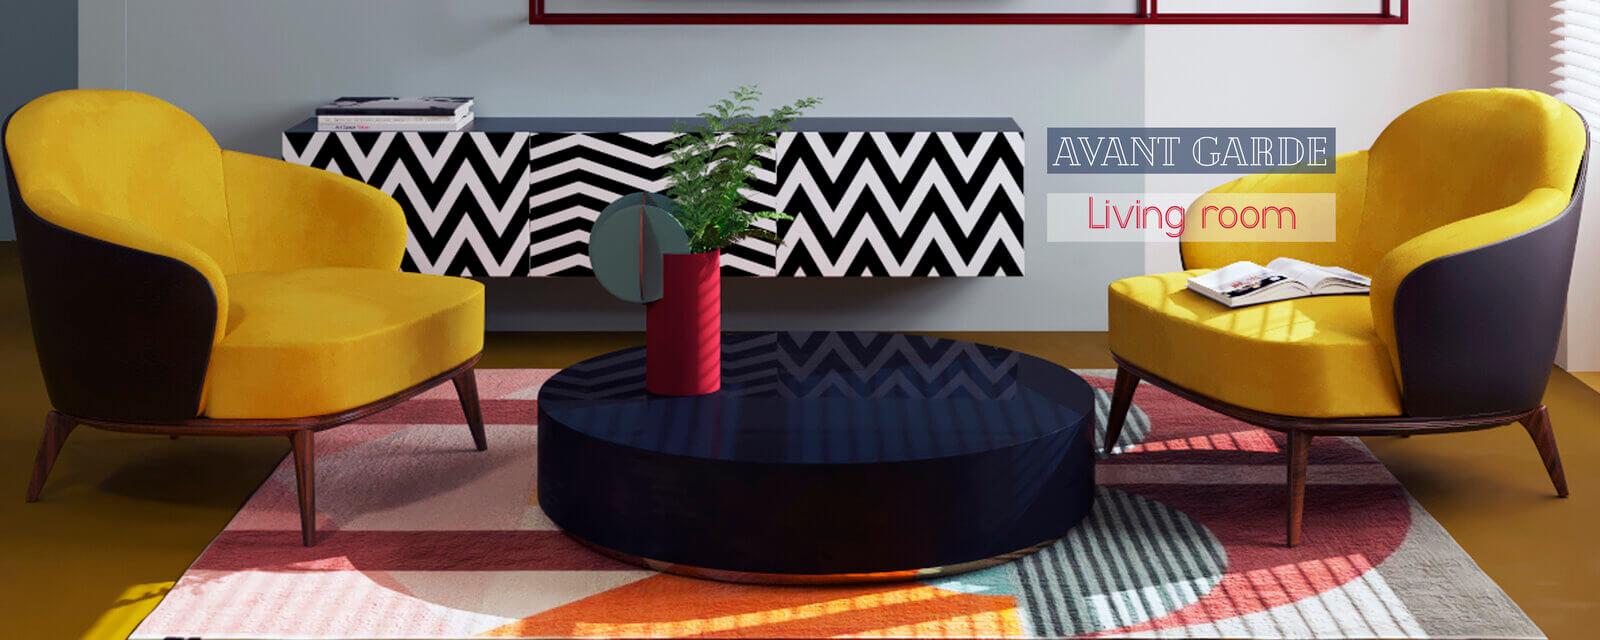 Avant Garde | Living Room